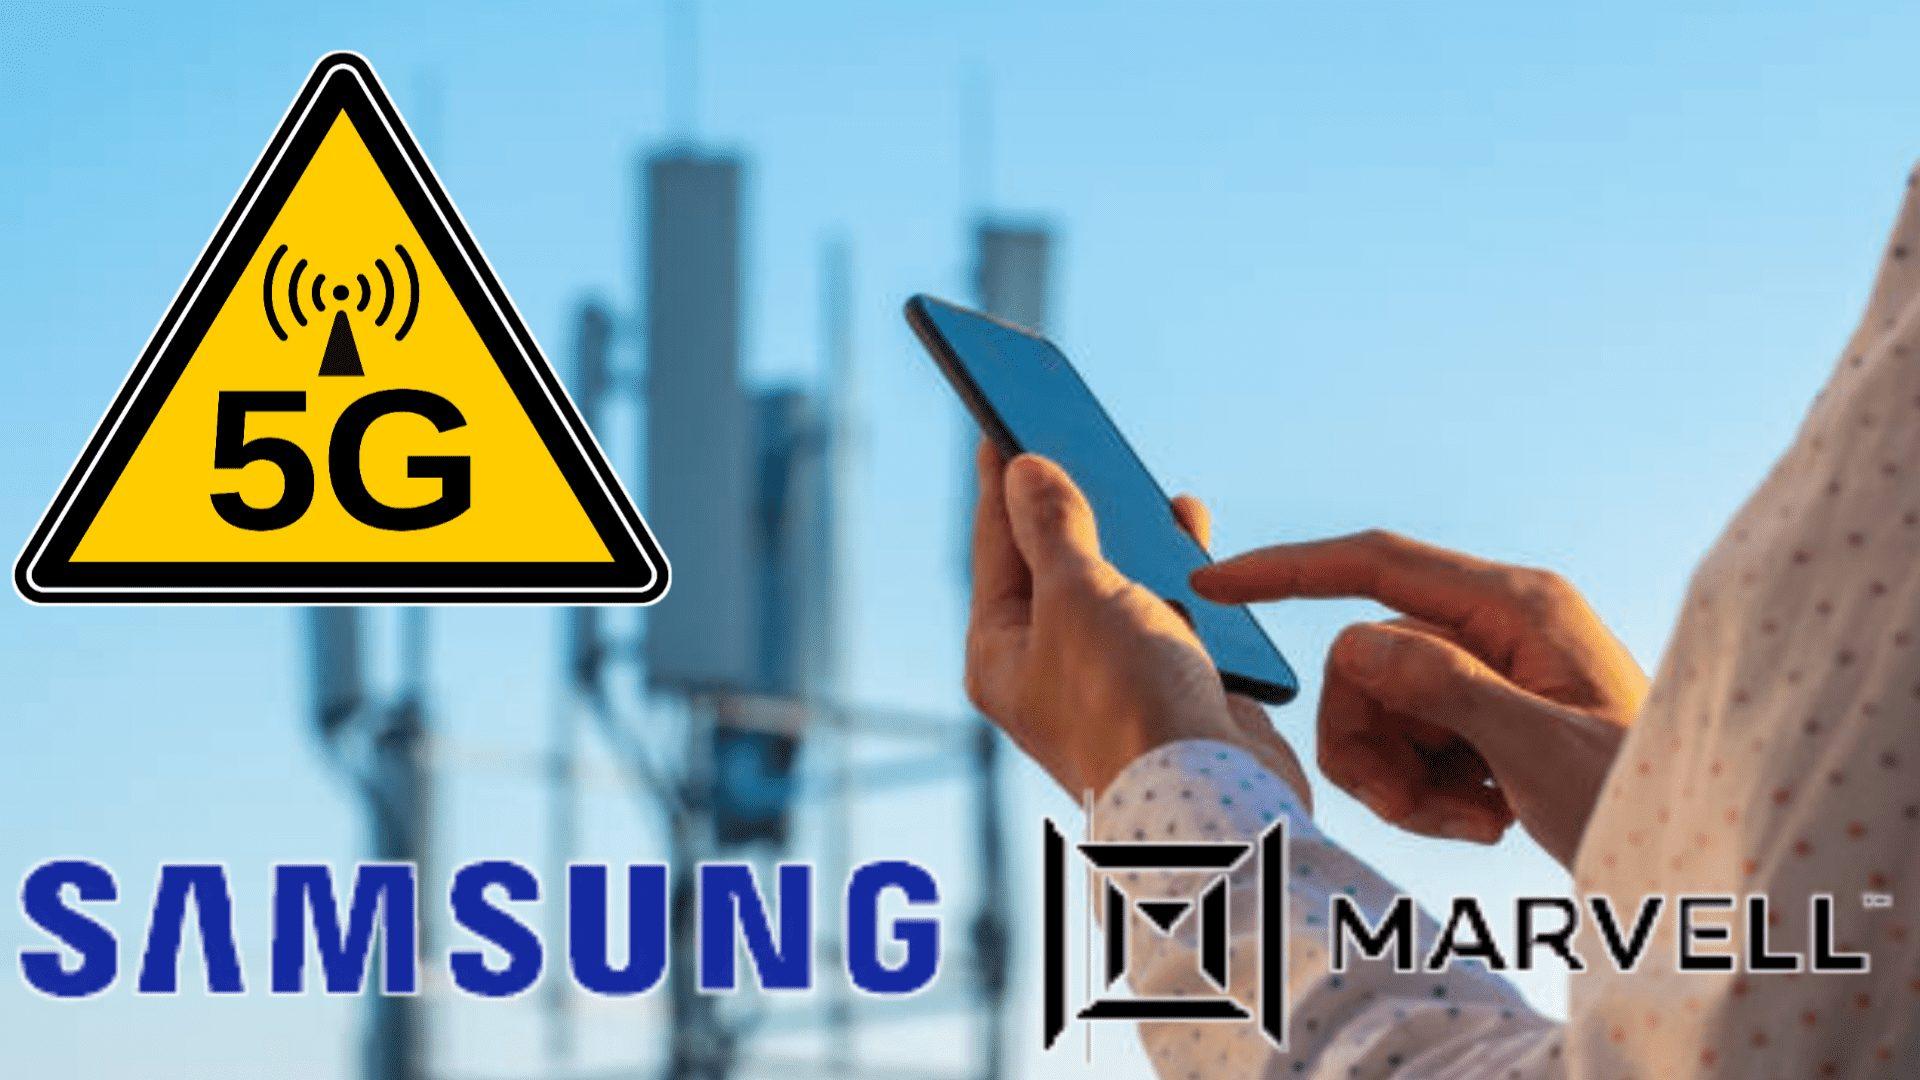 تعاون Samsung و Marvell في تطوير شبكات 5G بتقنية MIMO